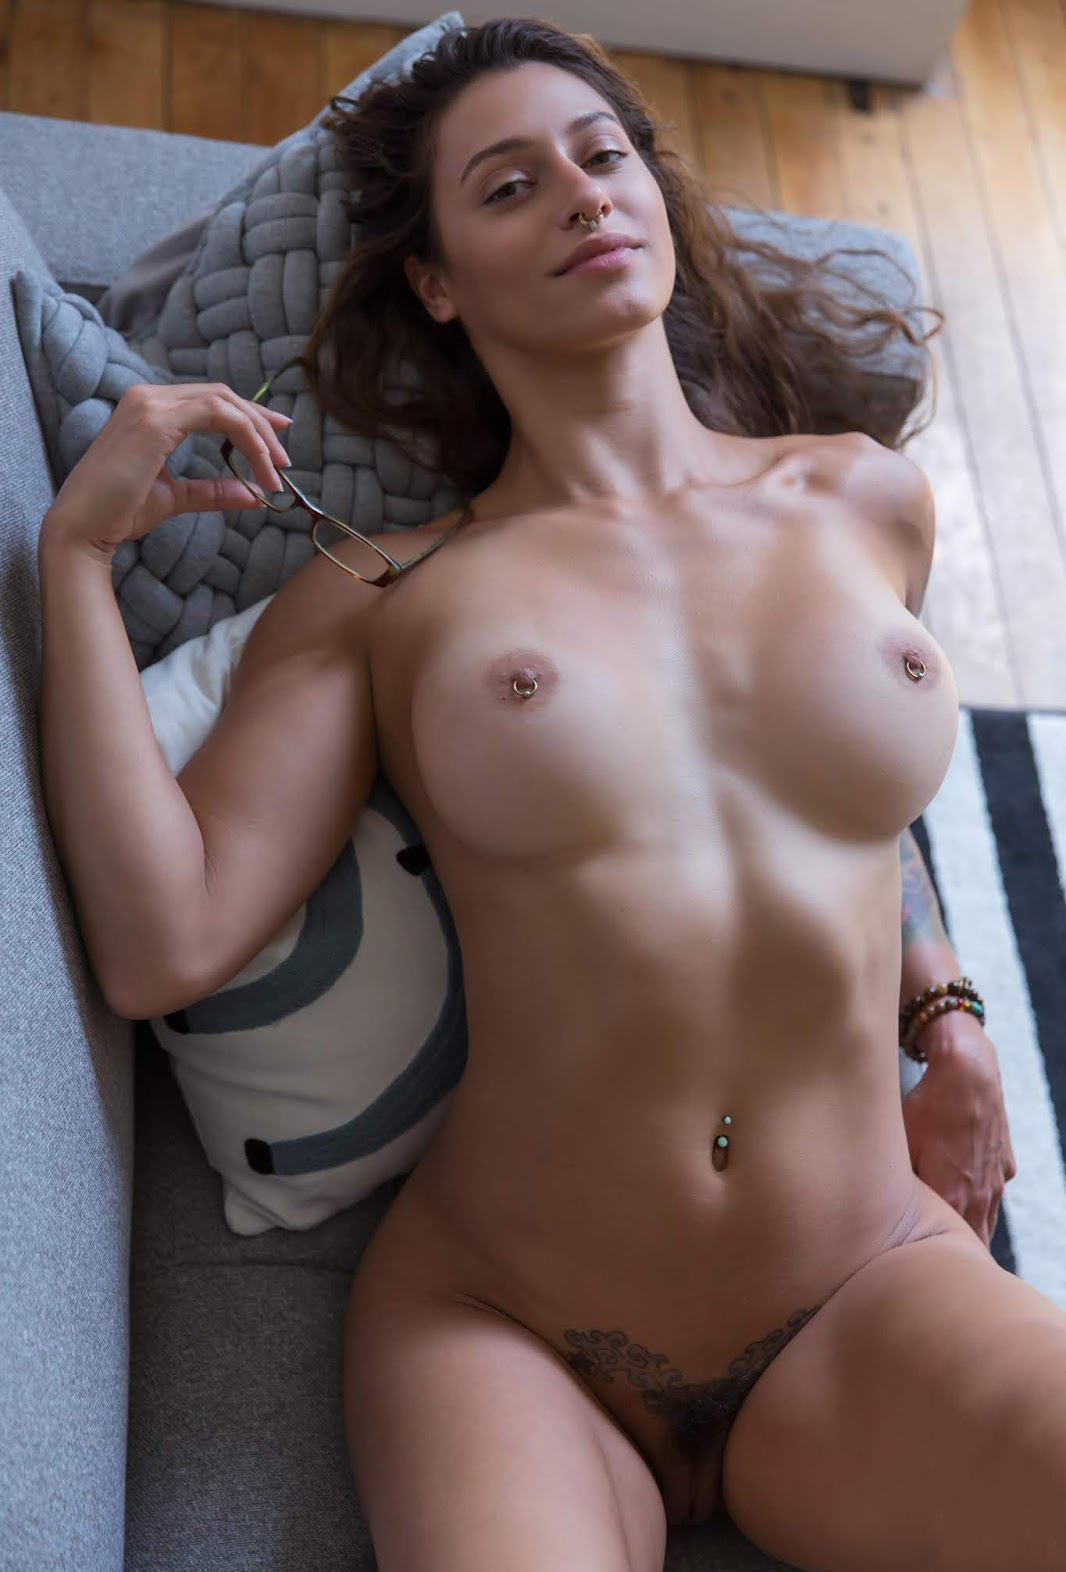 Roxy x porn